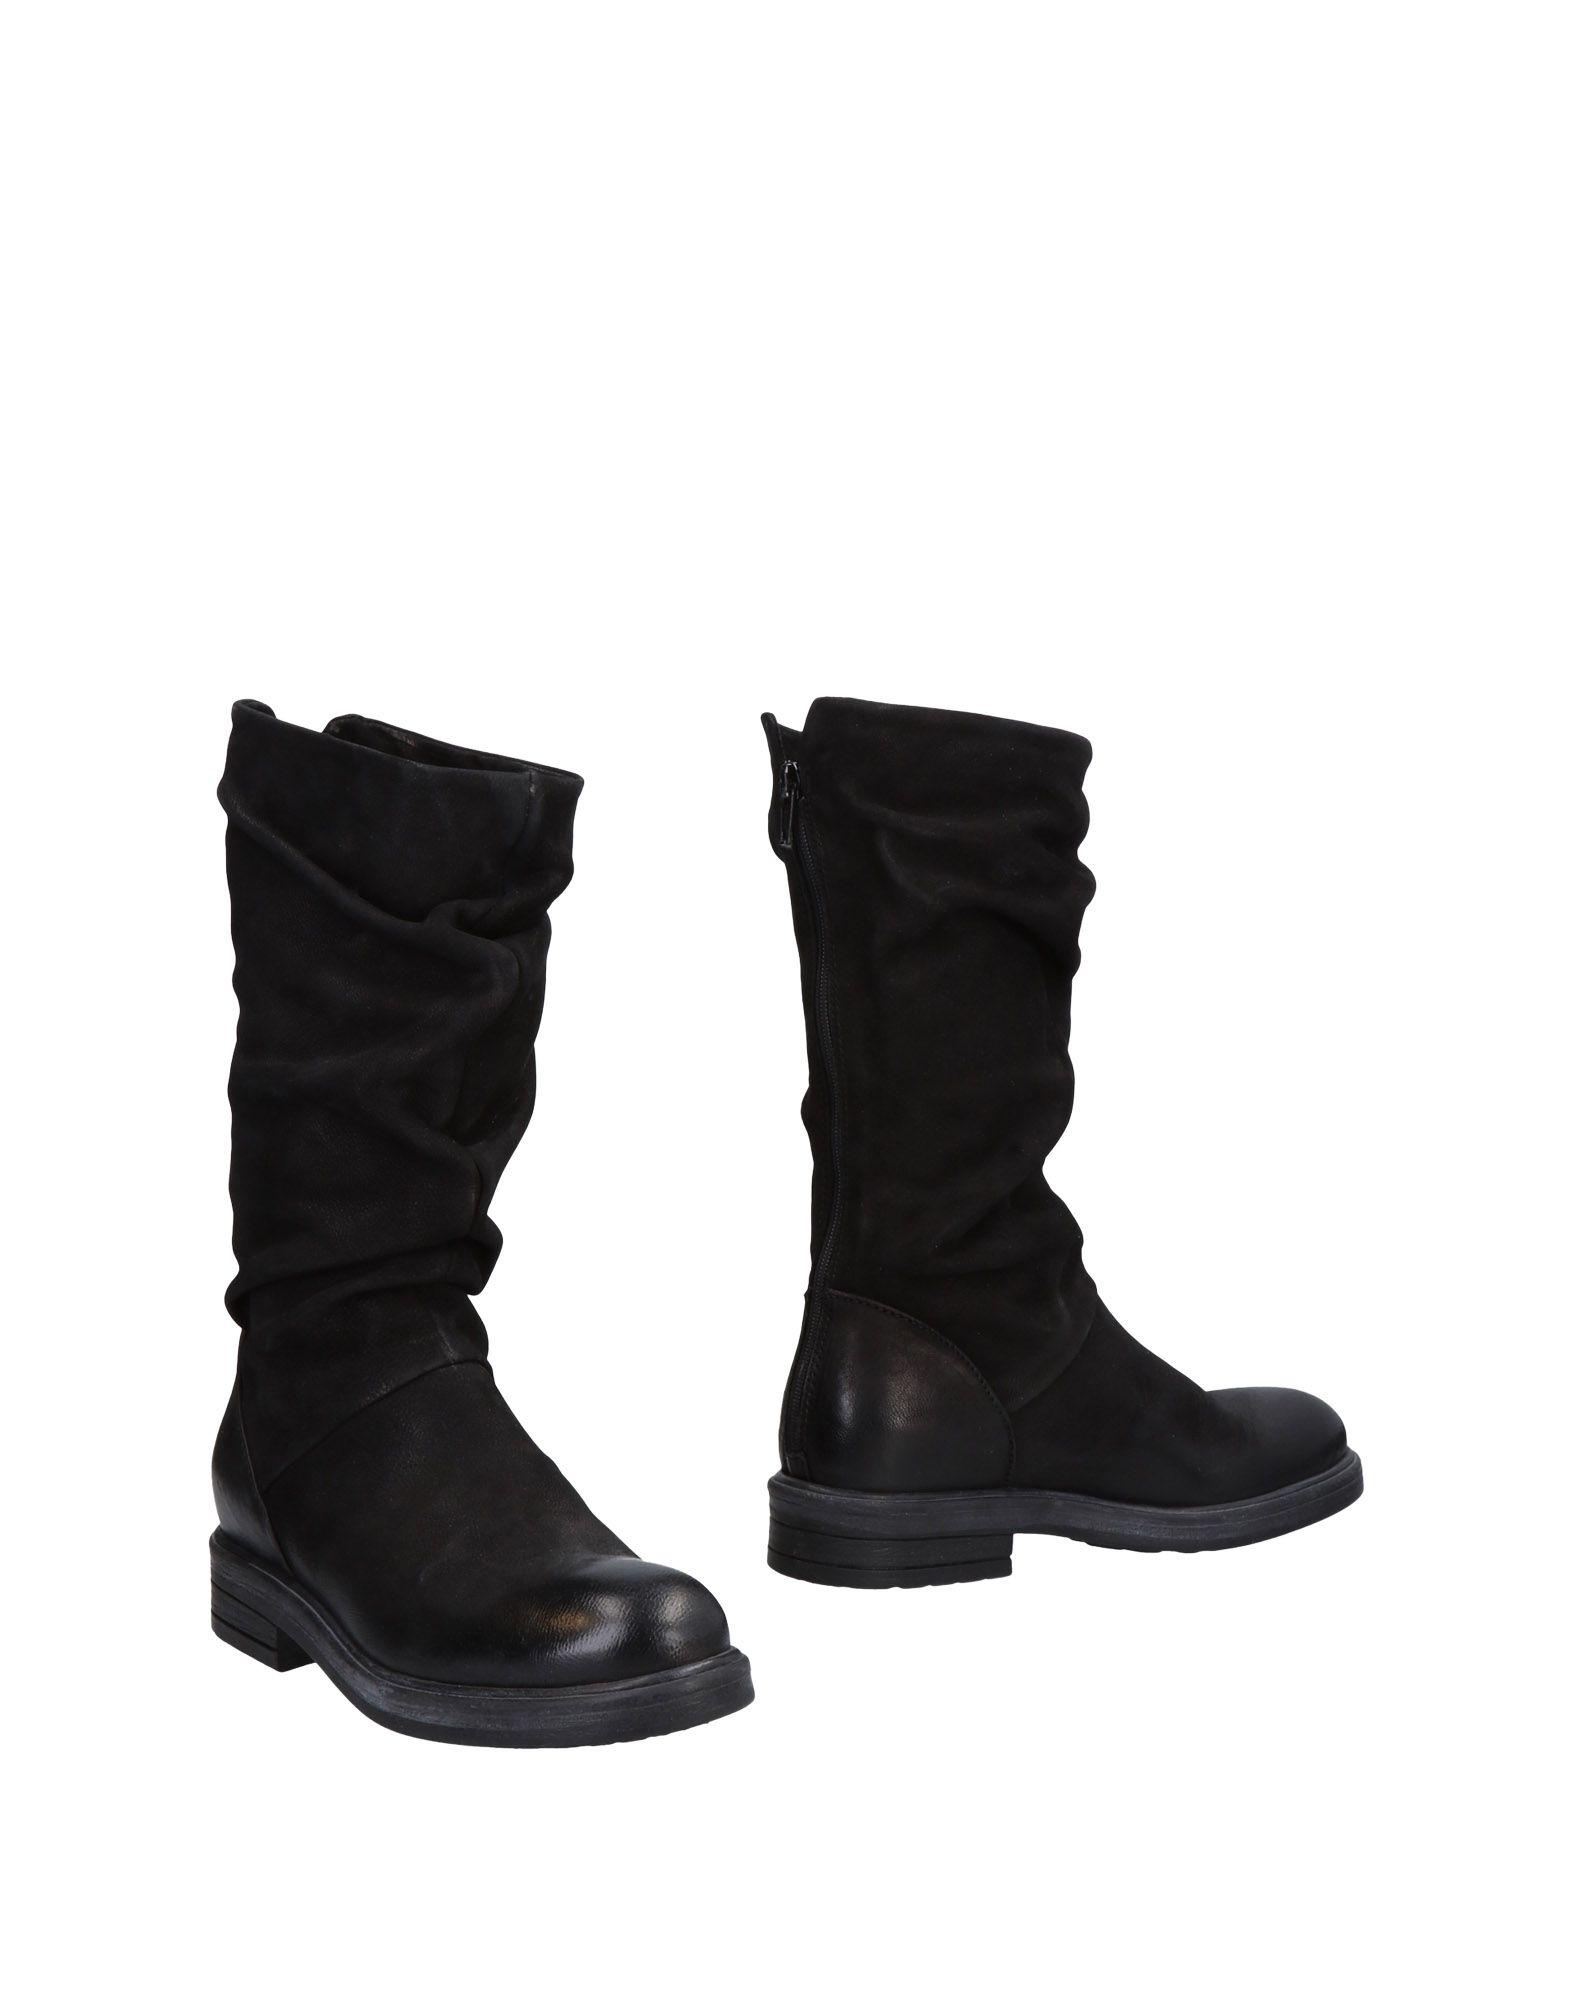 Fabbrica Deicolli Stiefel Damen  11467257OI Gute Qualität beliebte Schuhe